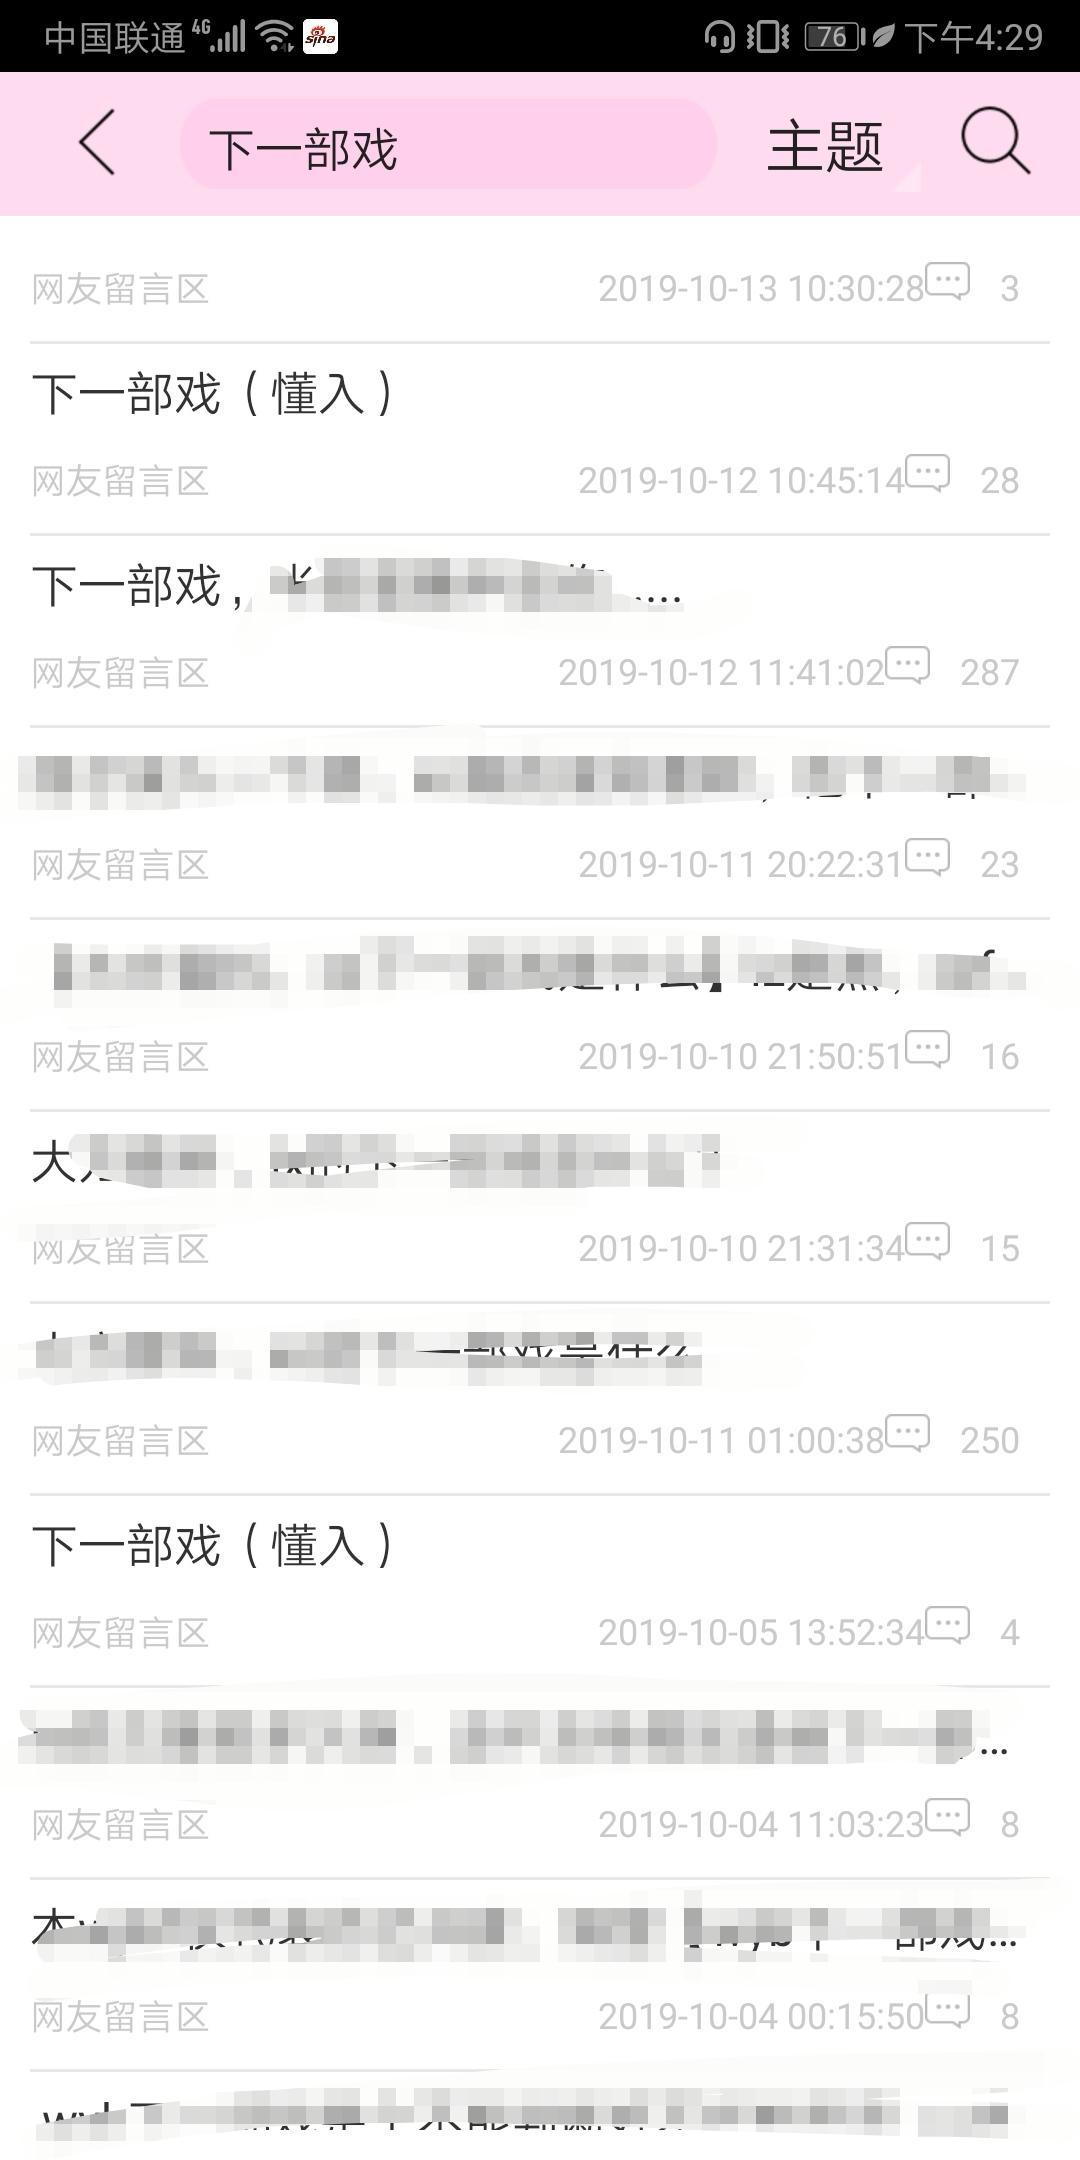 QMG7xP.jpg